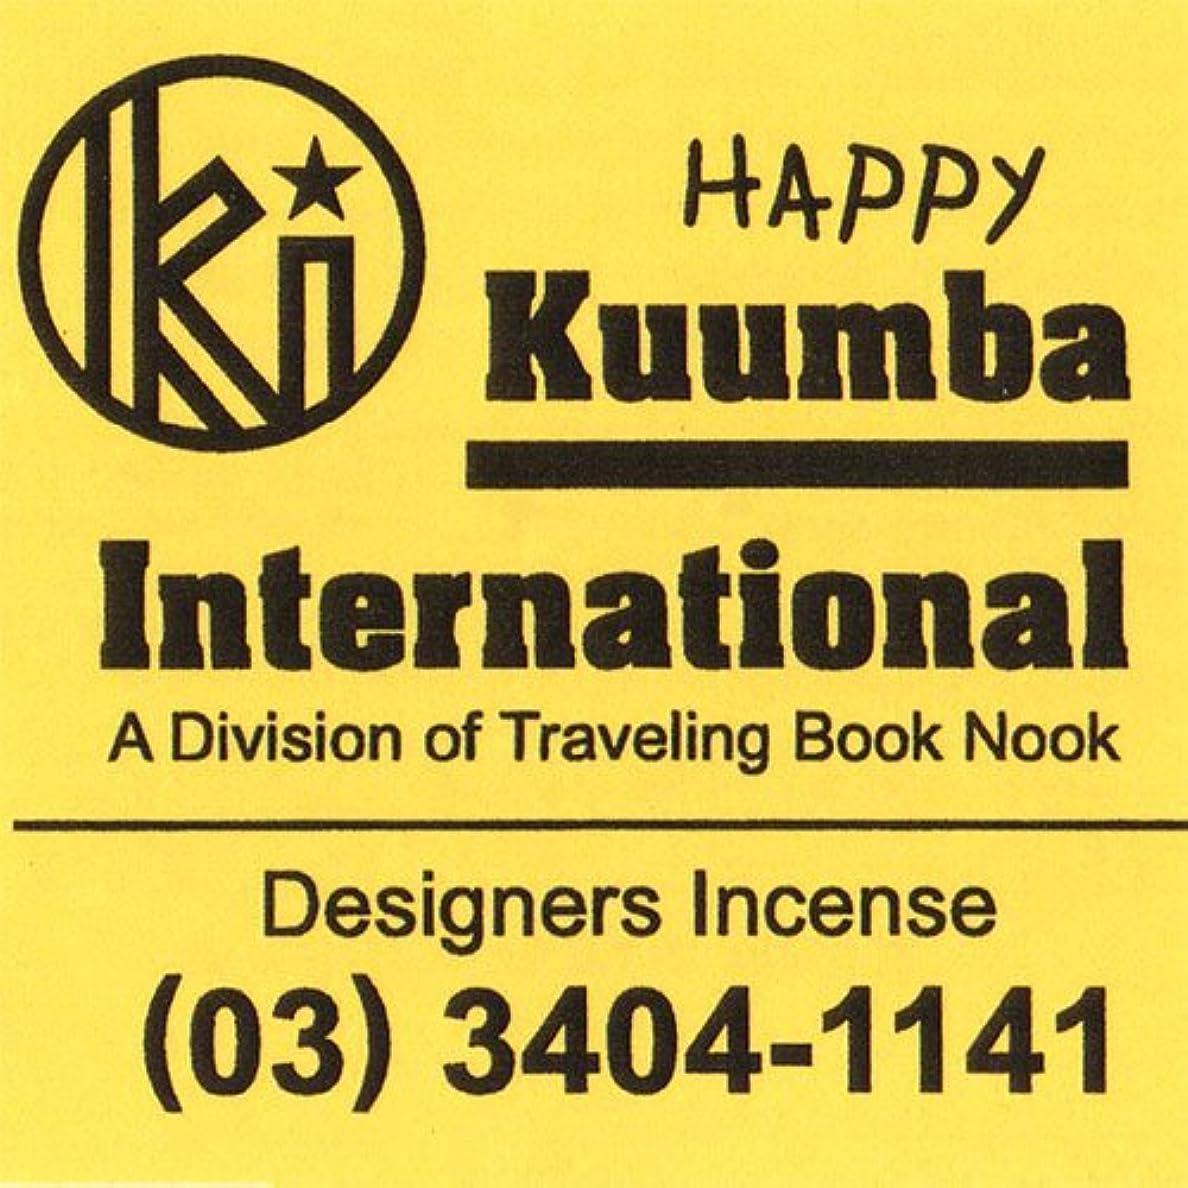 知るもし言語(クンバ) KUUMBA『incense』(HAPPY) (Mini size)